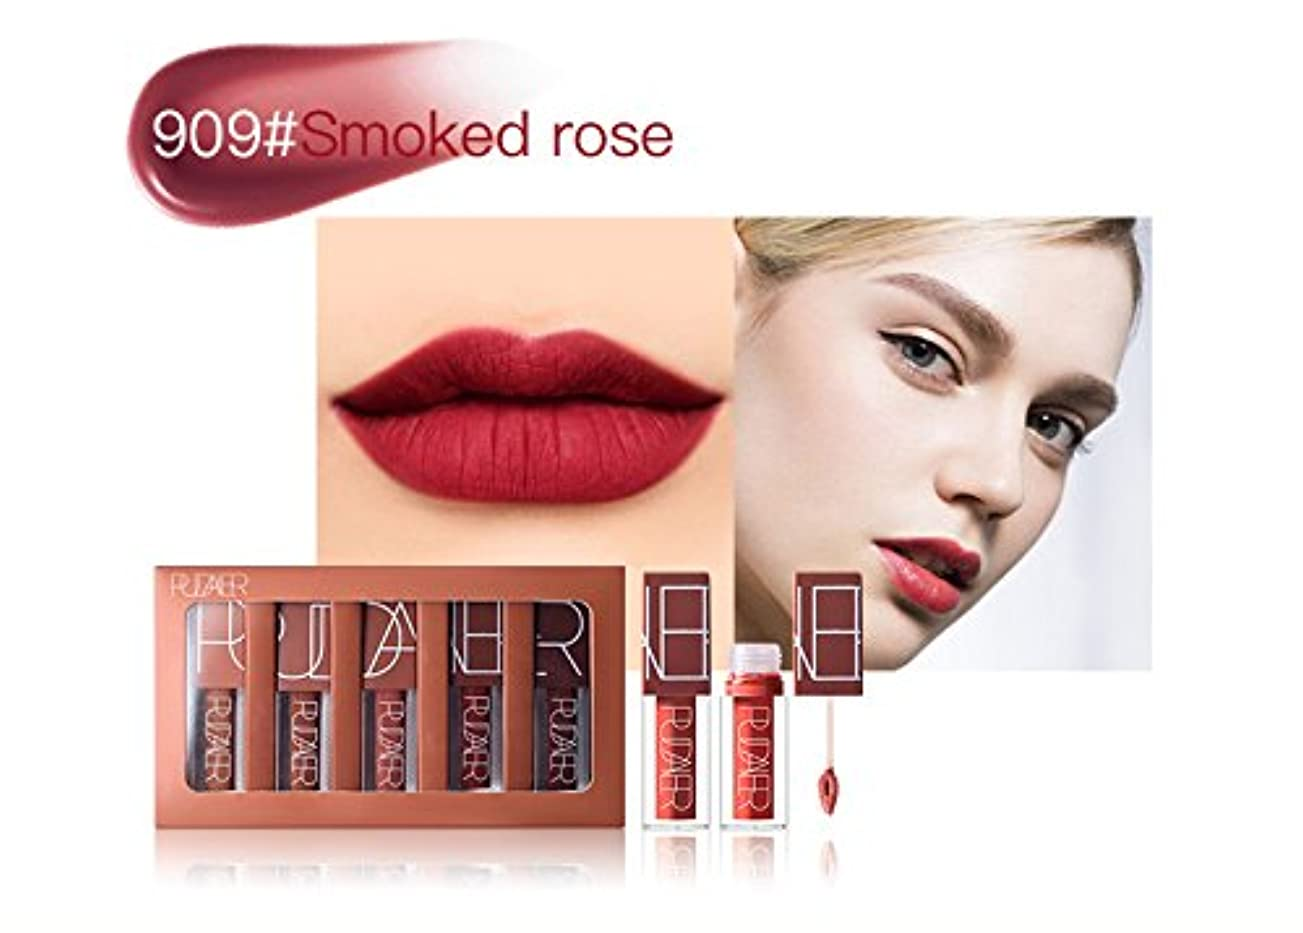 インチ役員モーターNo #909 Hot Brand Long Lasting Velvet Lips Tint Liquid Lipstick Matte Beauty Cosmetics Sexy Nude Pigment Matte...